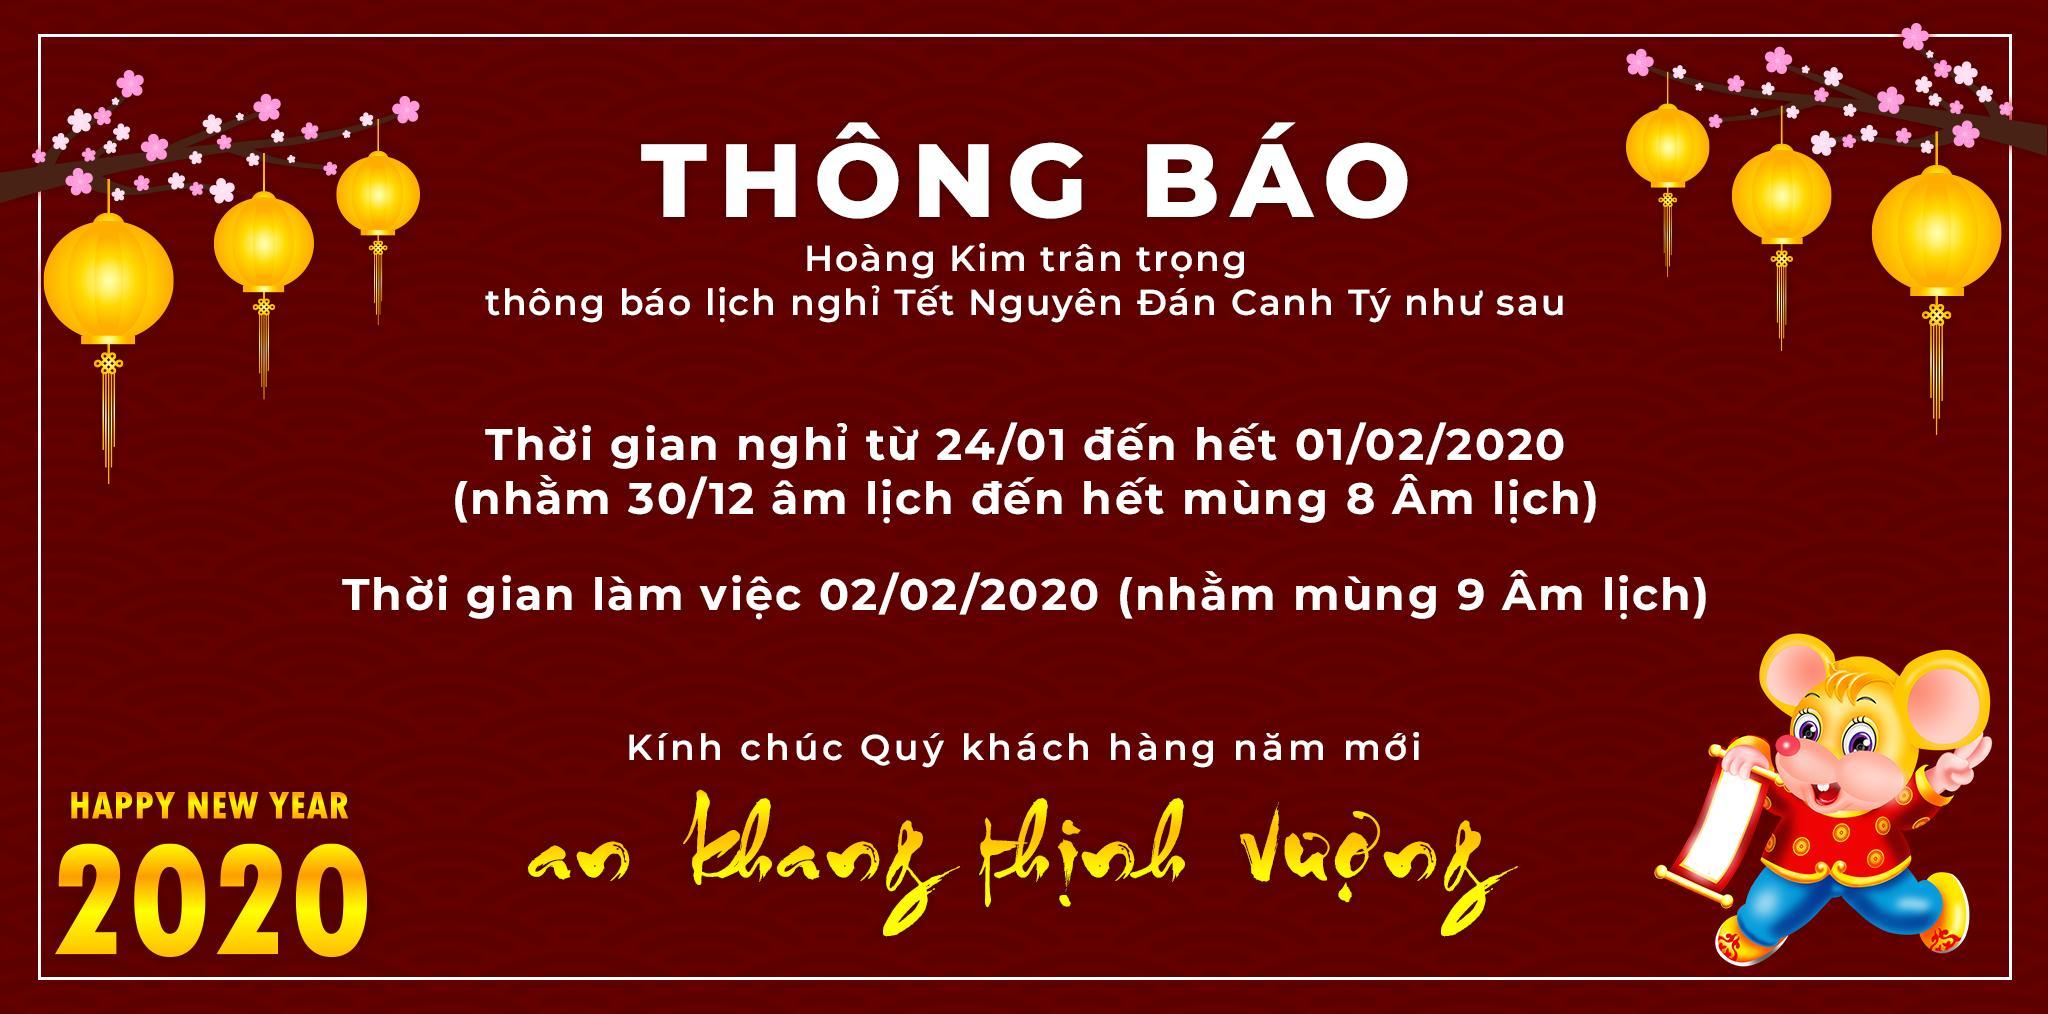 Thông báo nghỉ Tết Bình Tý 2020 - Ô Tô Hoàng Kim